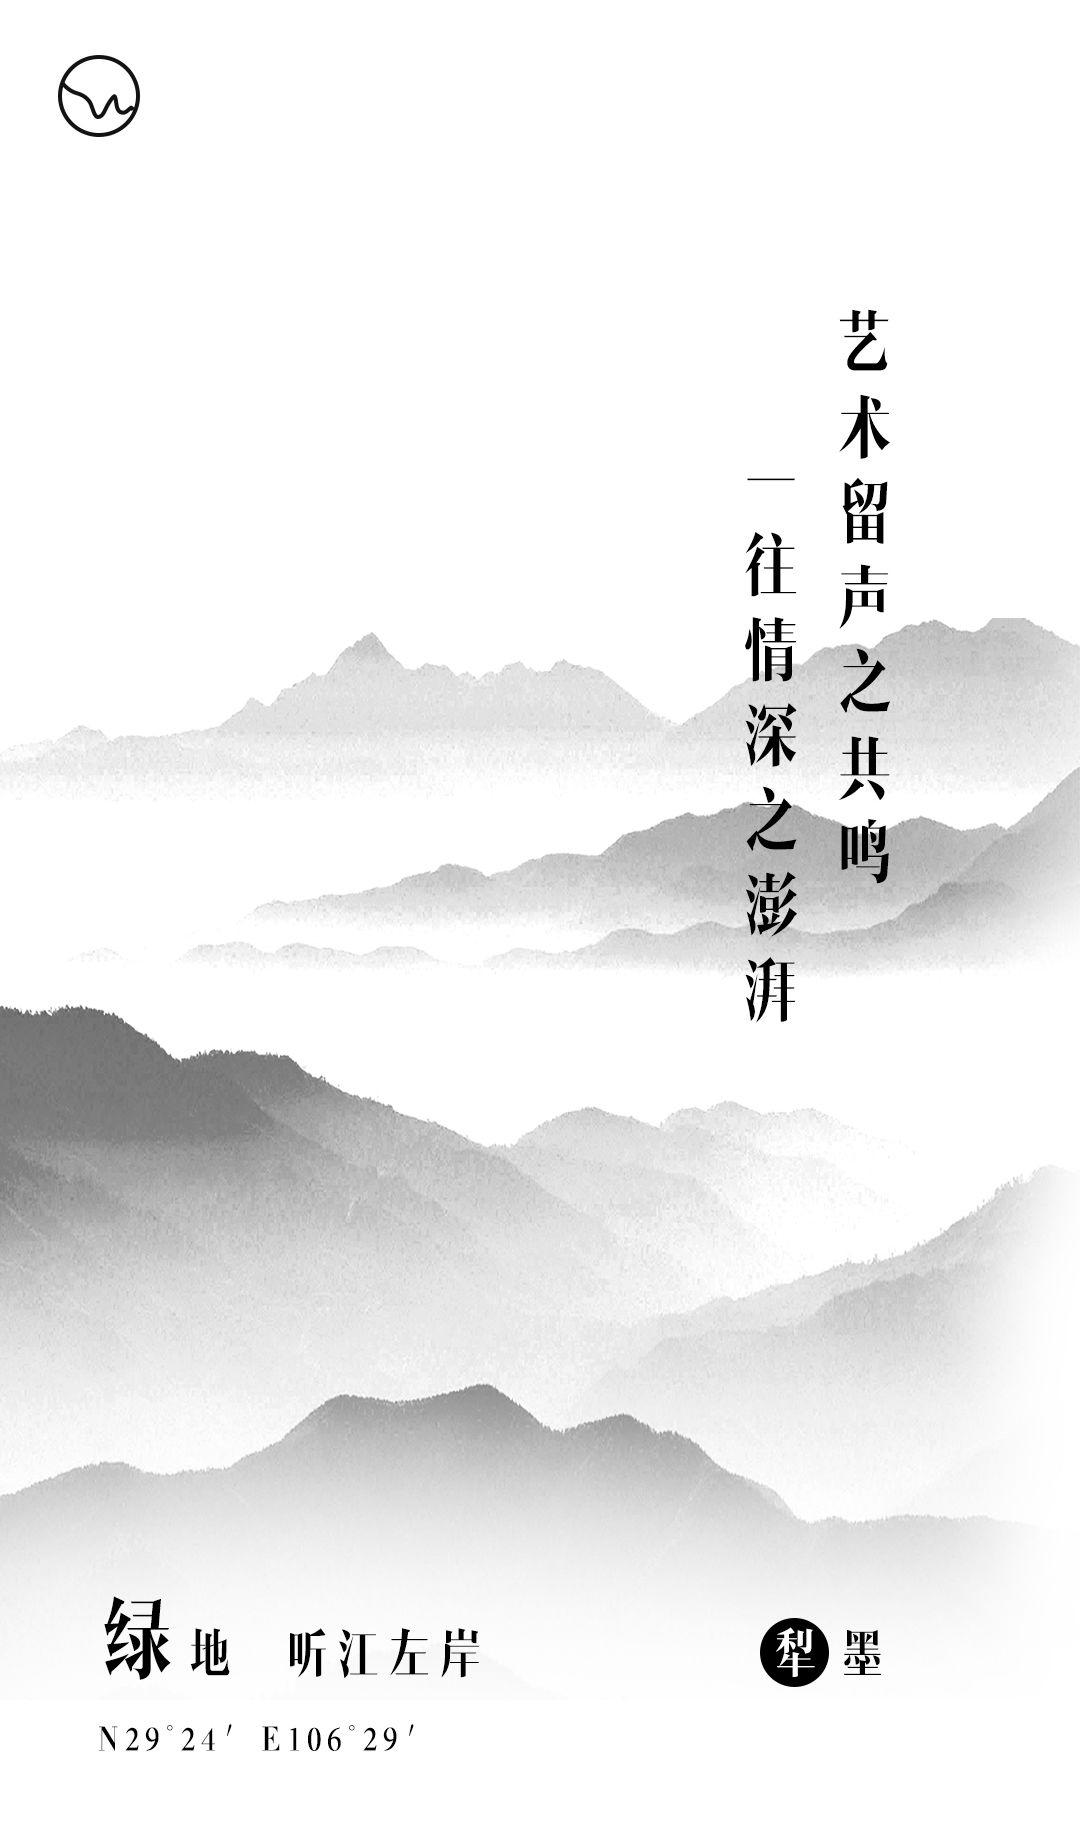 重庆绿地 · 听江左岸景观设计/犁墨景观